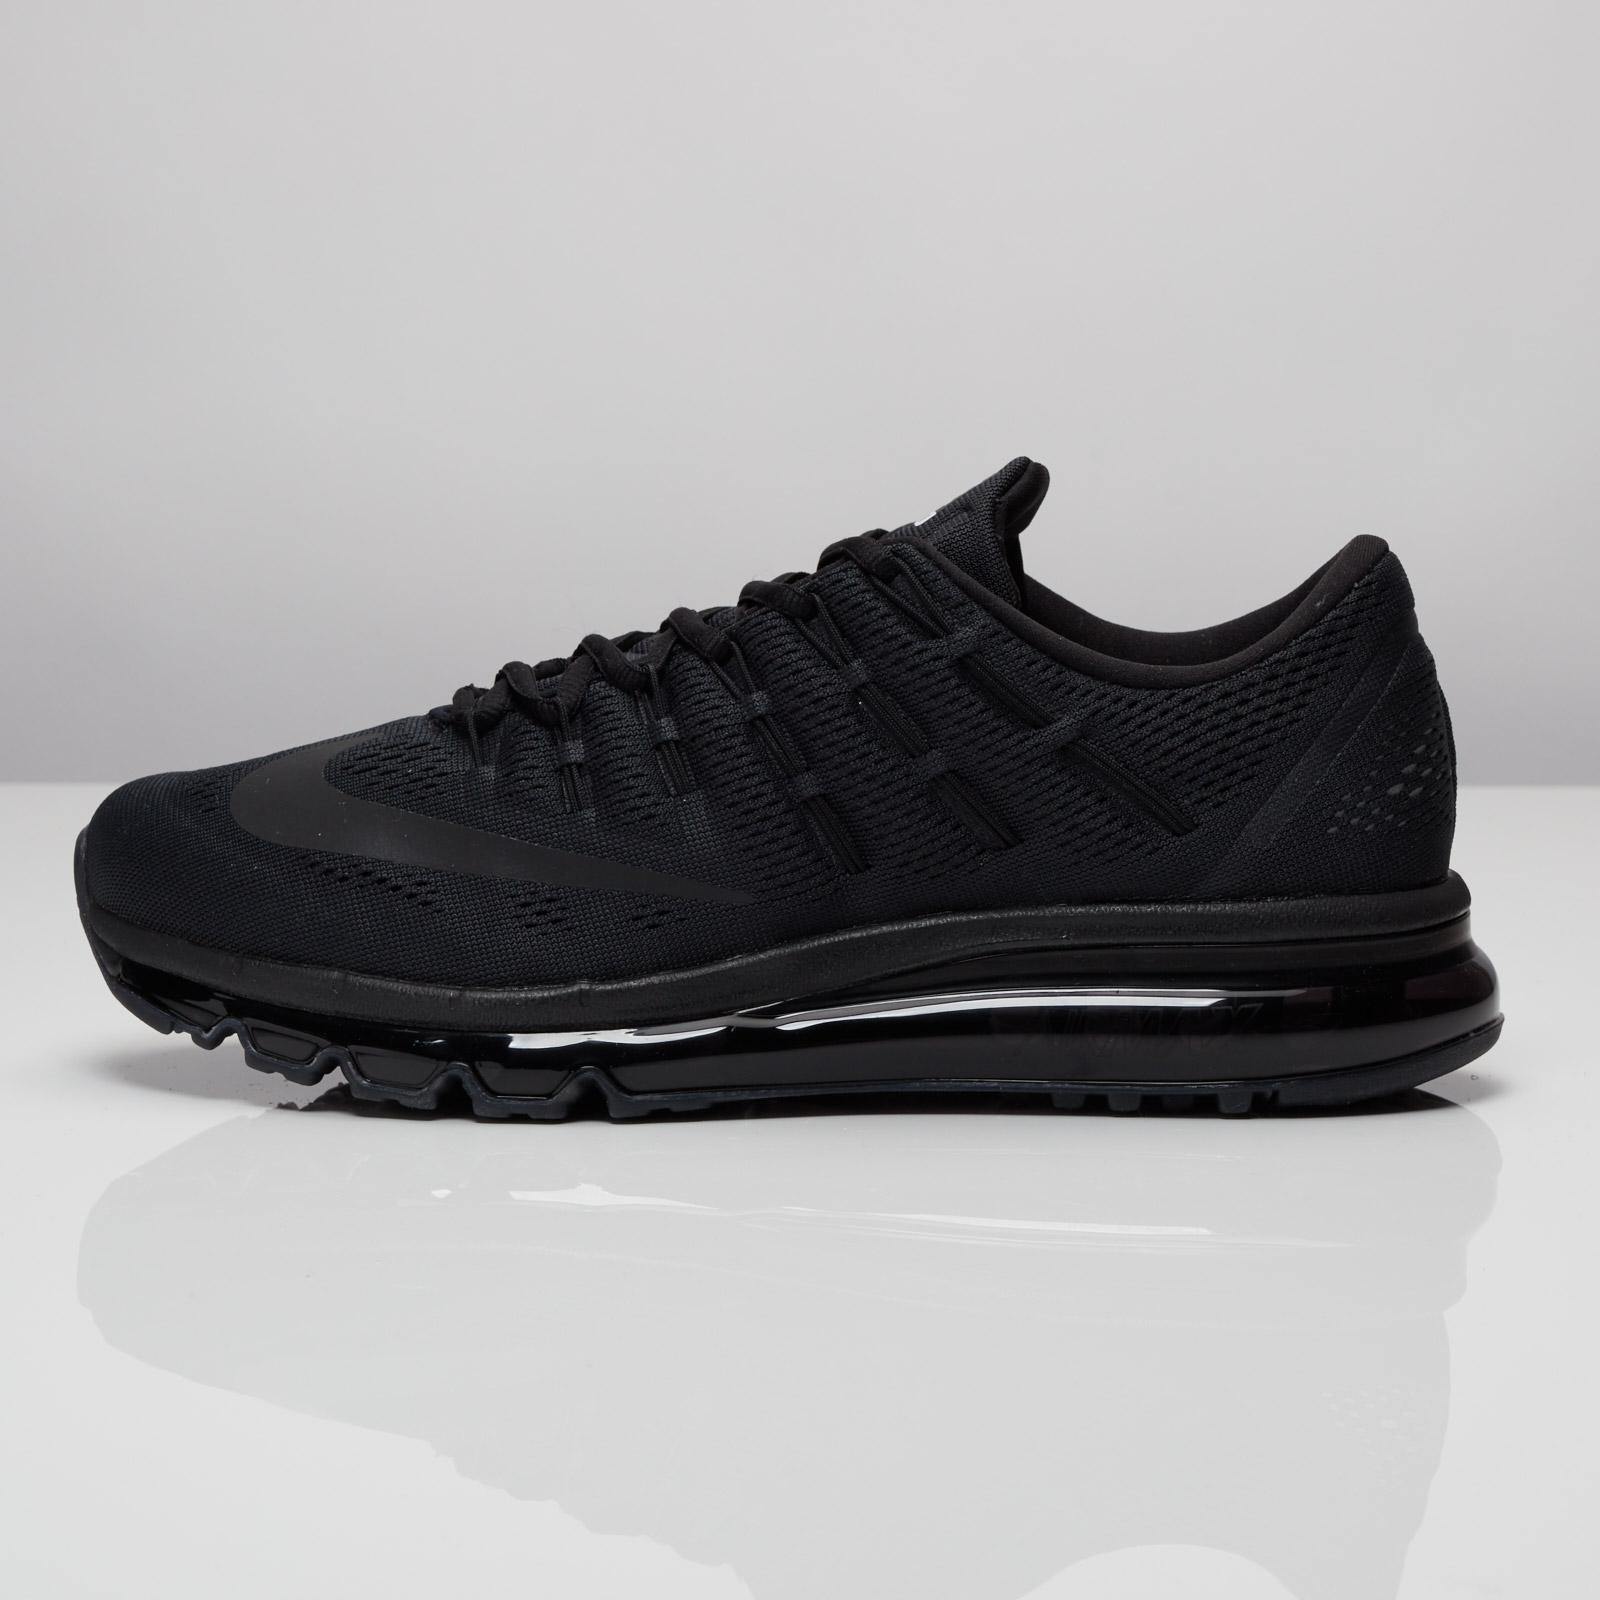 Nike Air Max 2016 806771 009 Sneakersnstuff | sneakers